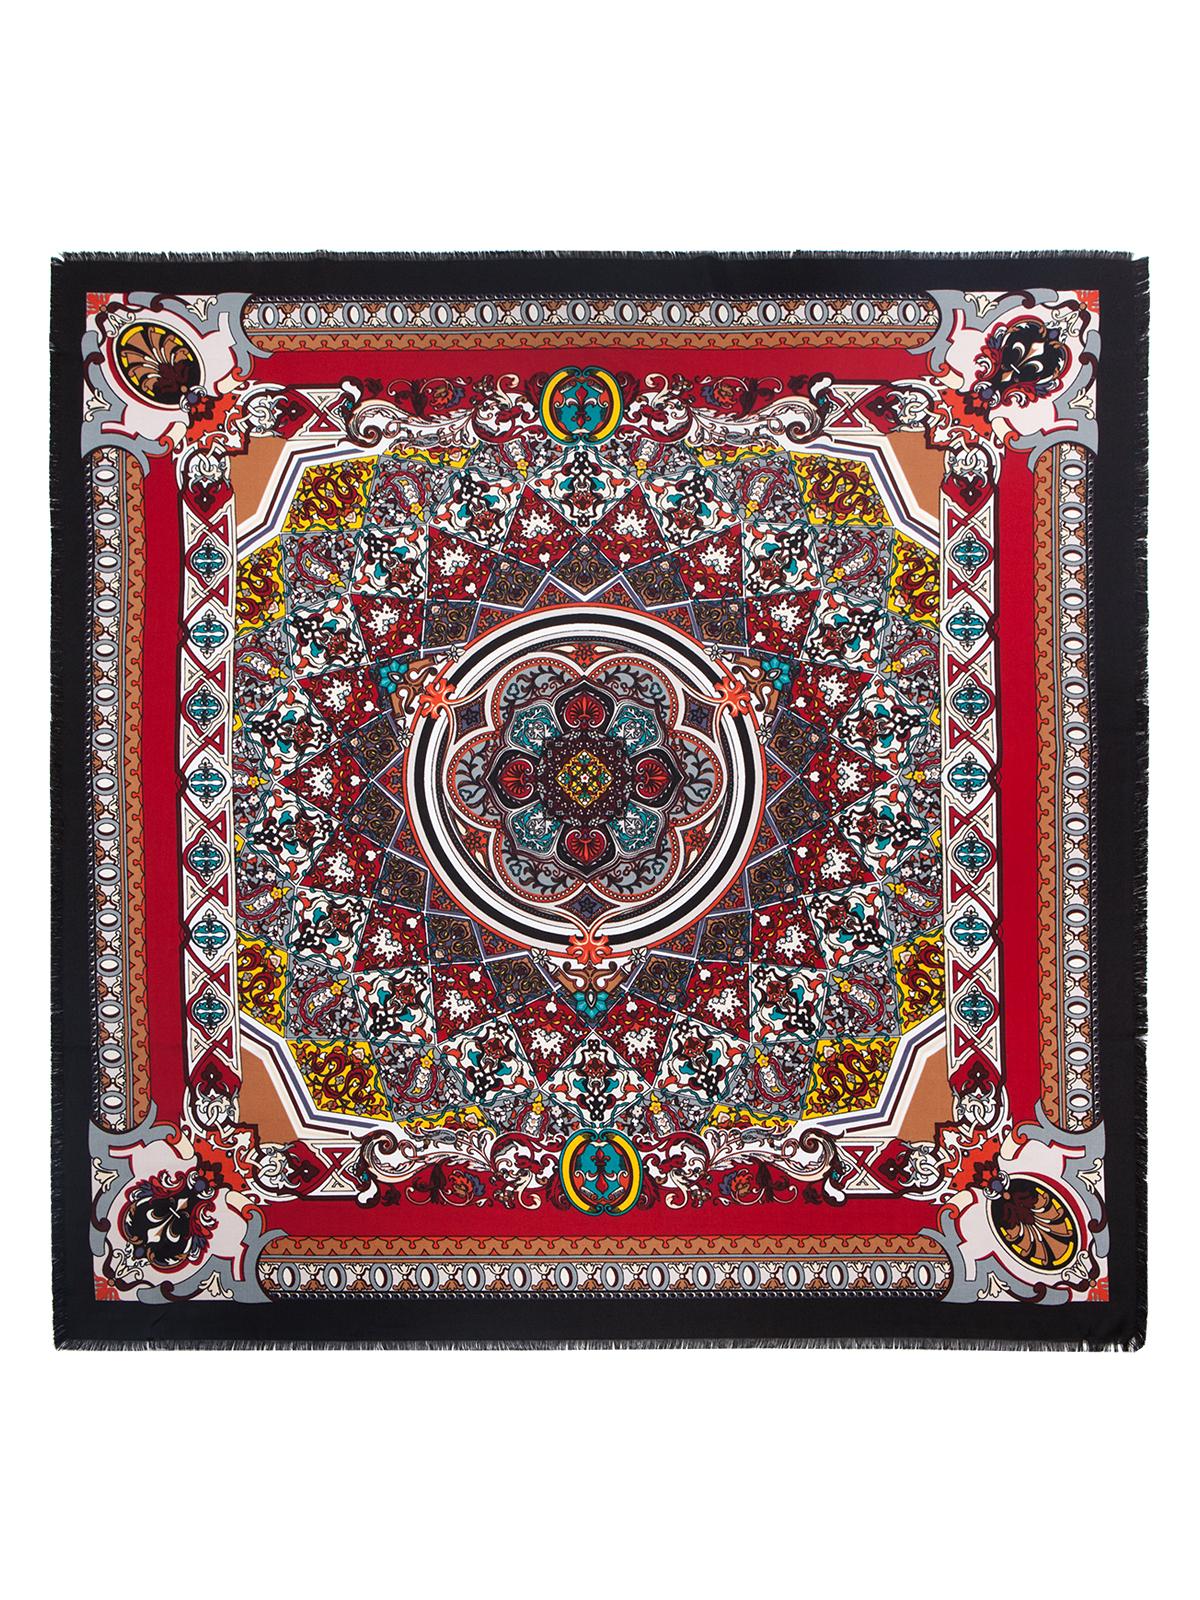 ПлатокLSZ33-526Платок от Labbra изготовлен из вискозы с добавлением шерсти и оформлен ярким принтом. Края изделия декорированы бахромой.